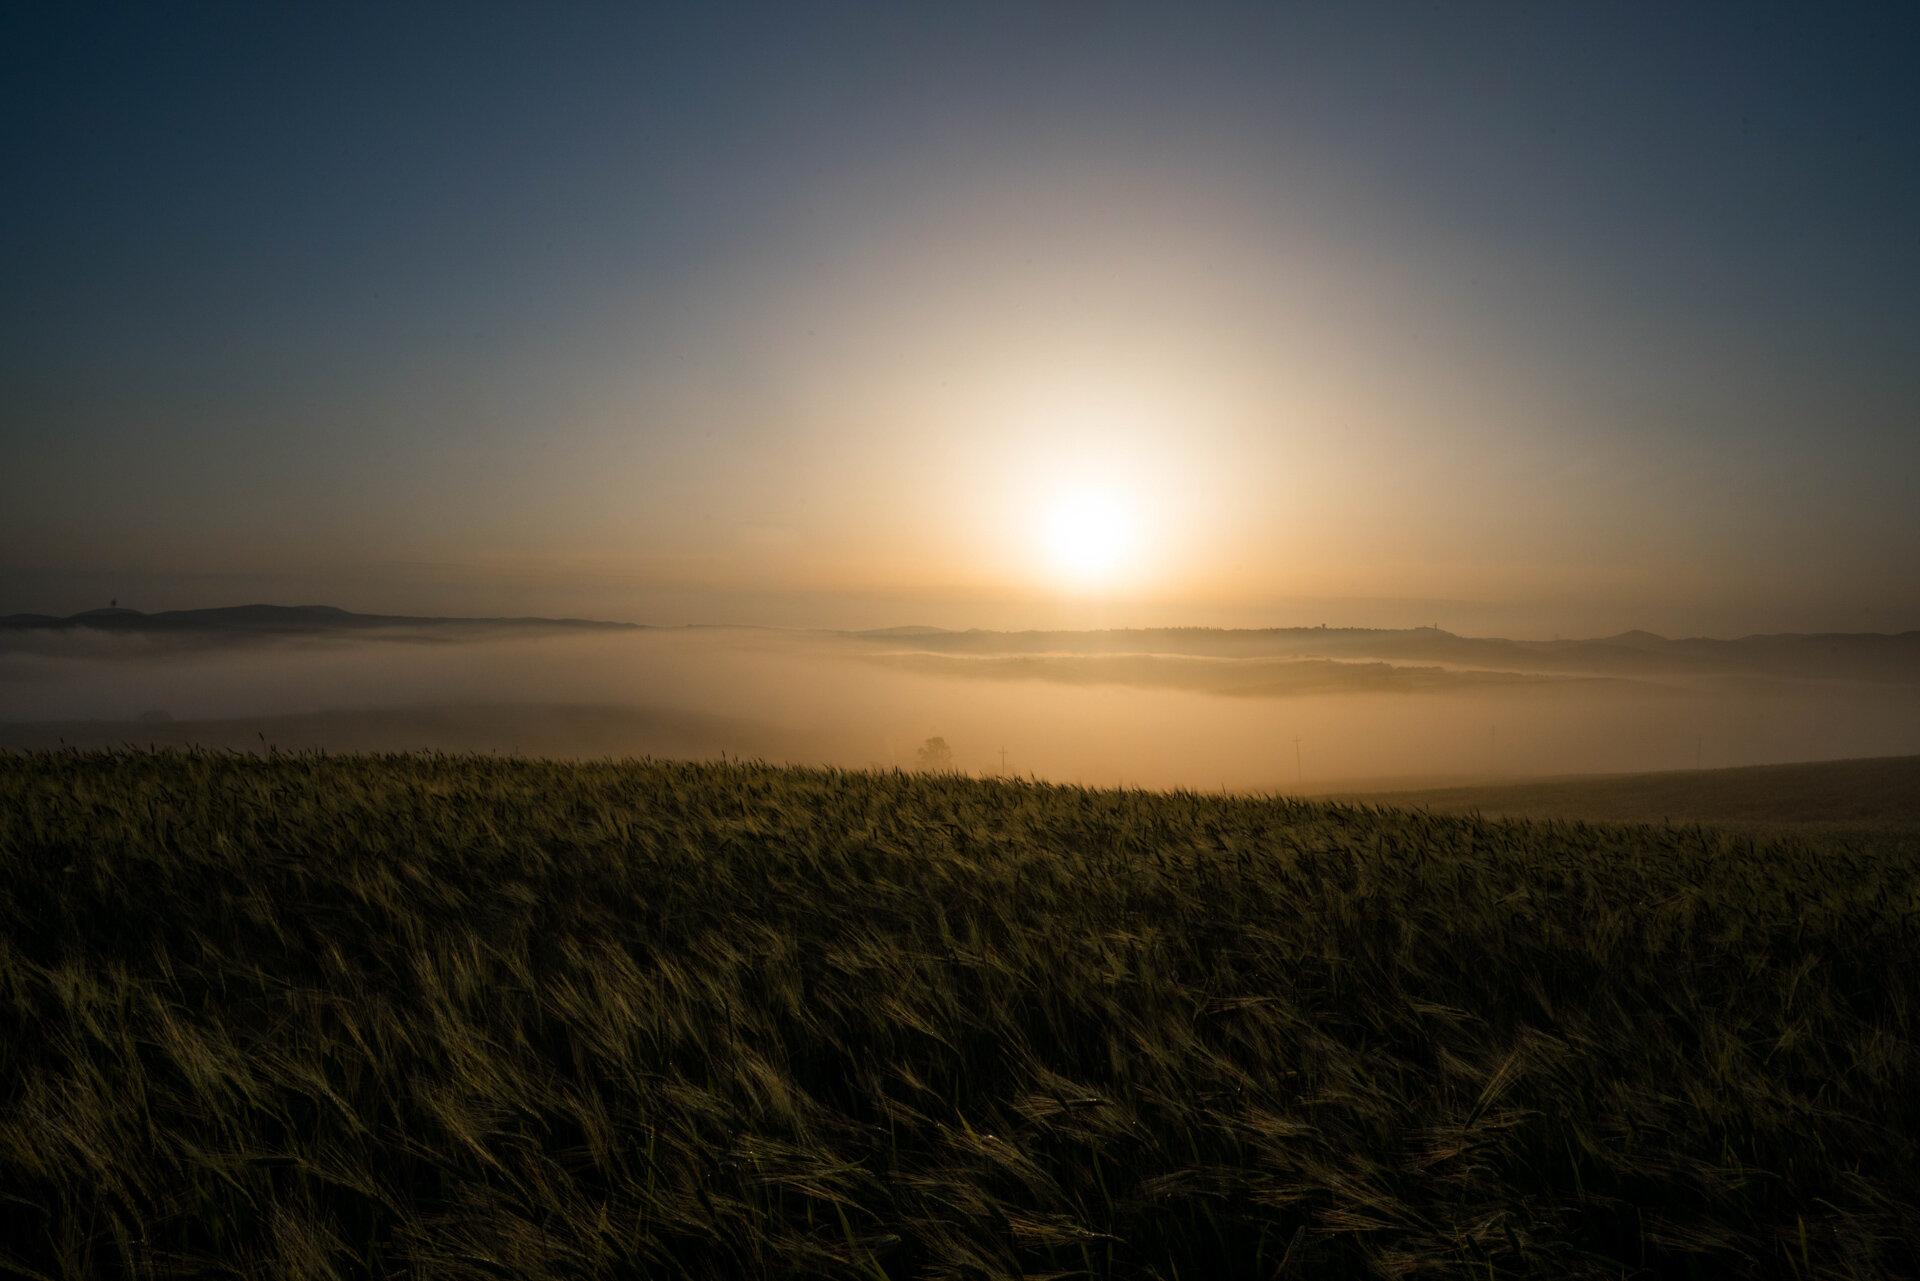 Field in a foggy morning  PHOTOGRAPHY: MIRKO FIN • Sony Alpha 7R MkIII • SONY FE 12-24MM Ƒ/4 G @ 24MM • Ƒ/22 • 1/100 sec • ISO 100